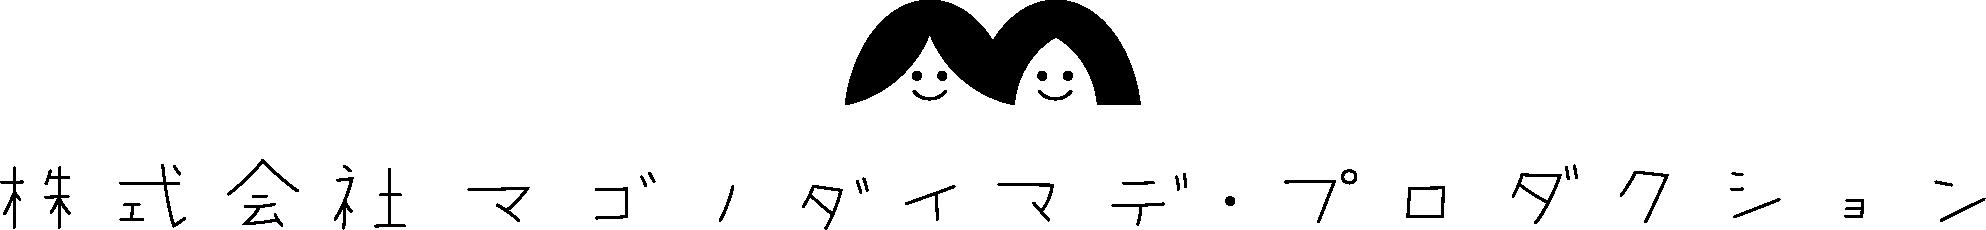 株式会社マゴノダイマデプロダクション